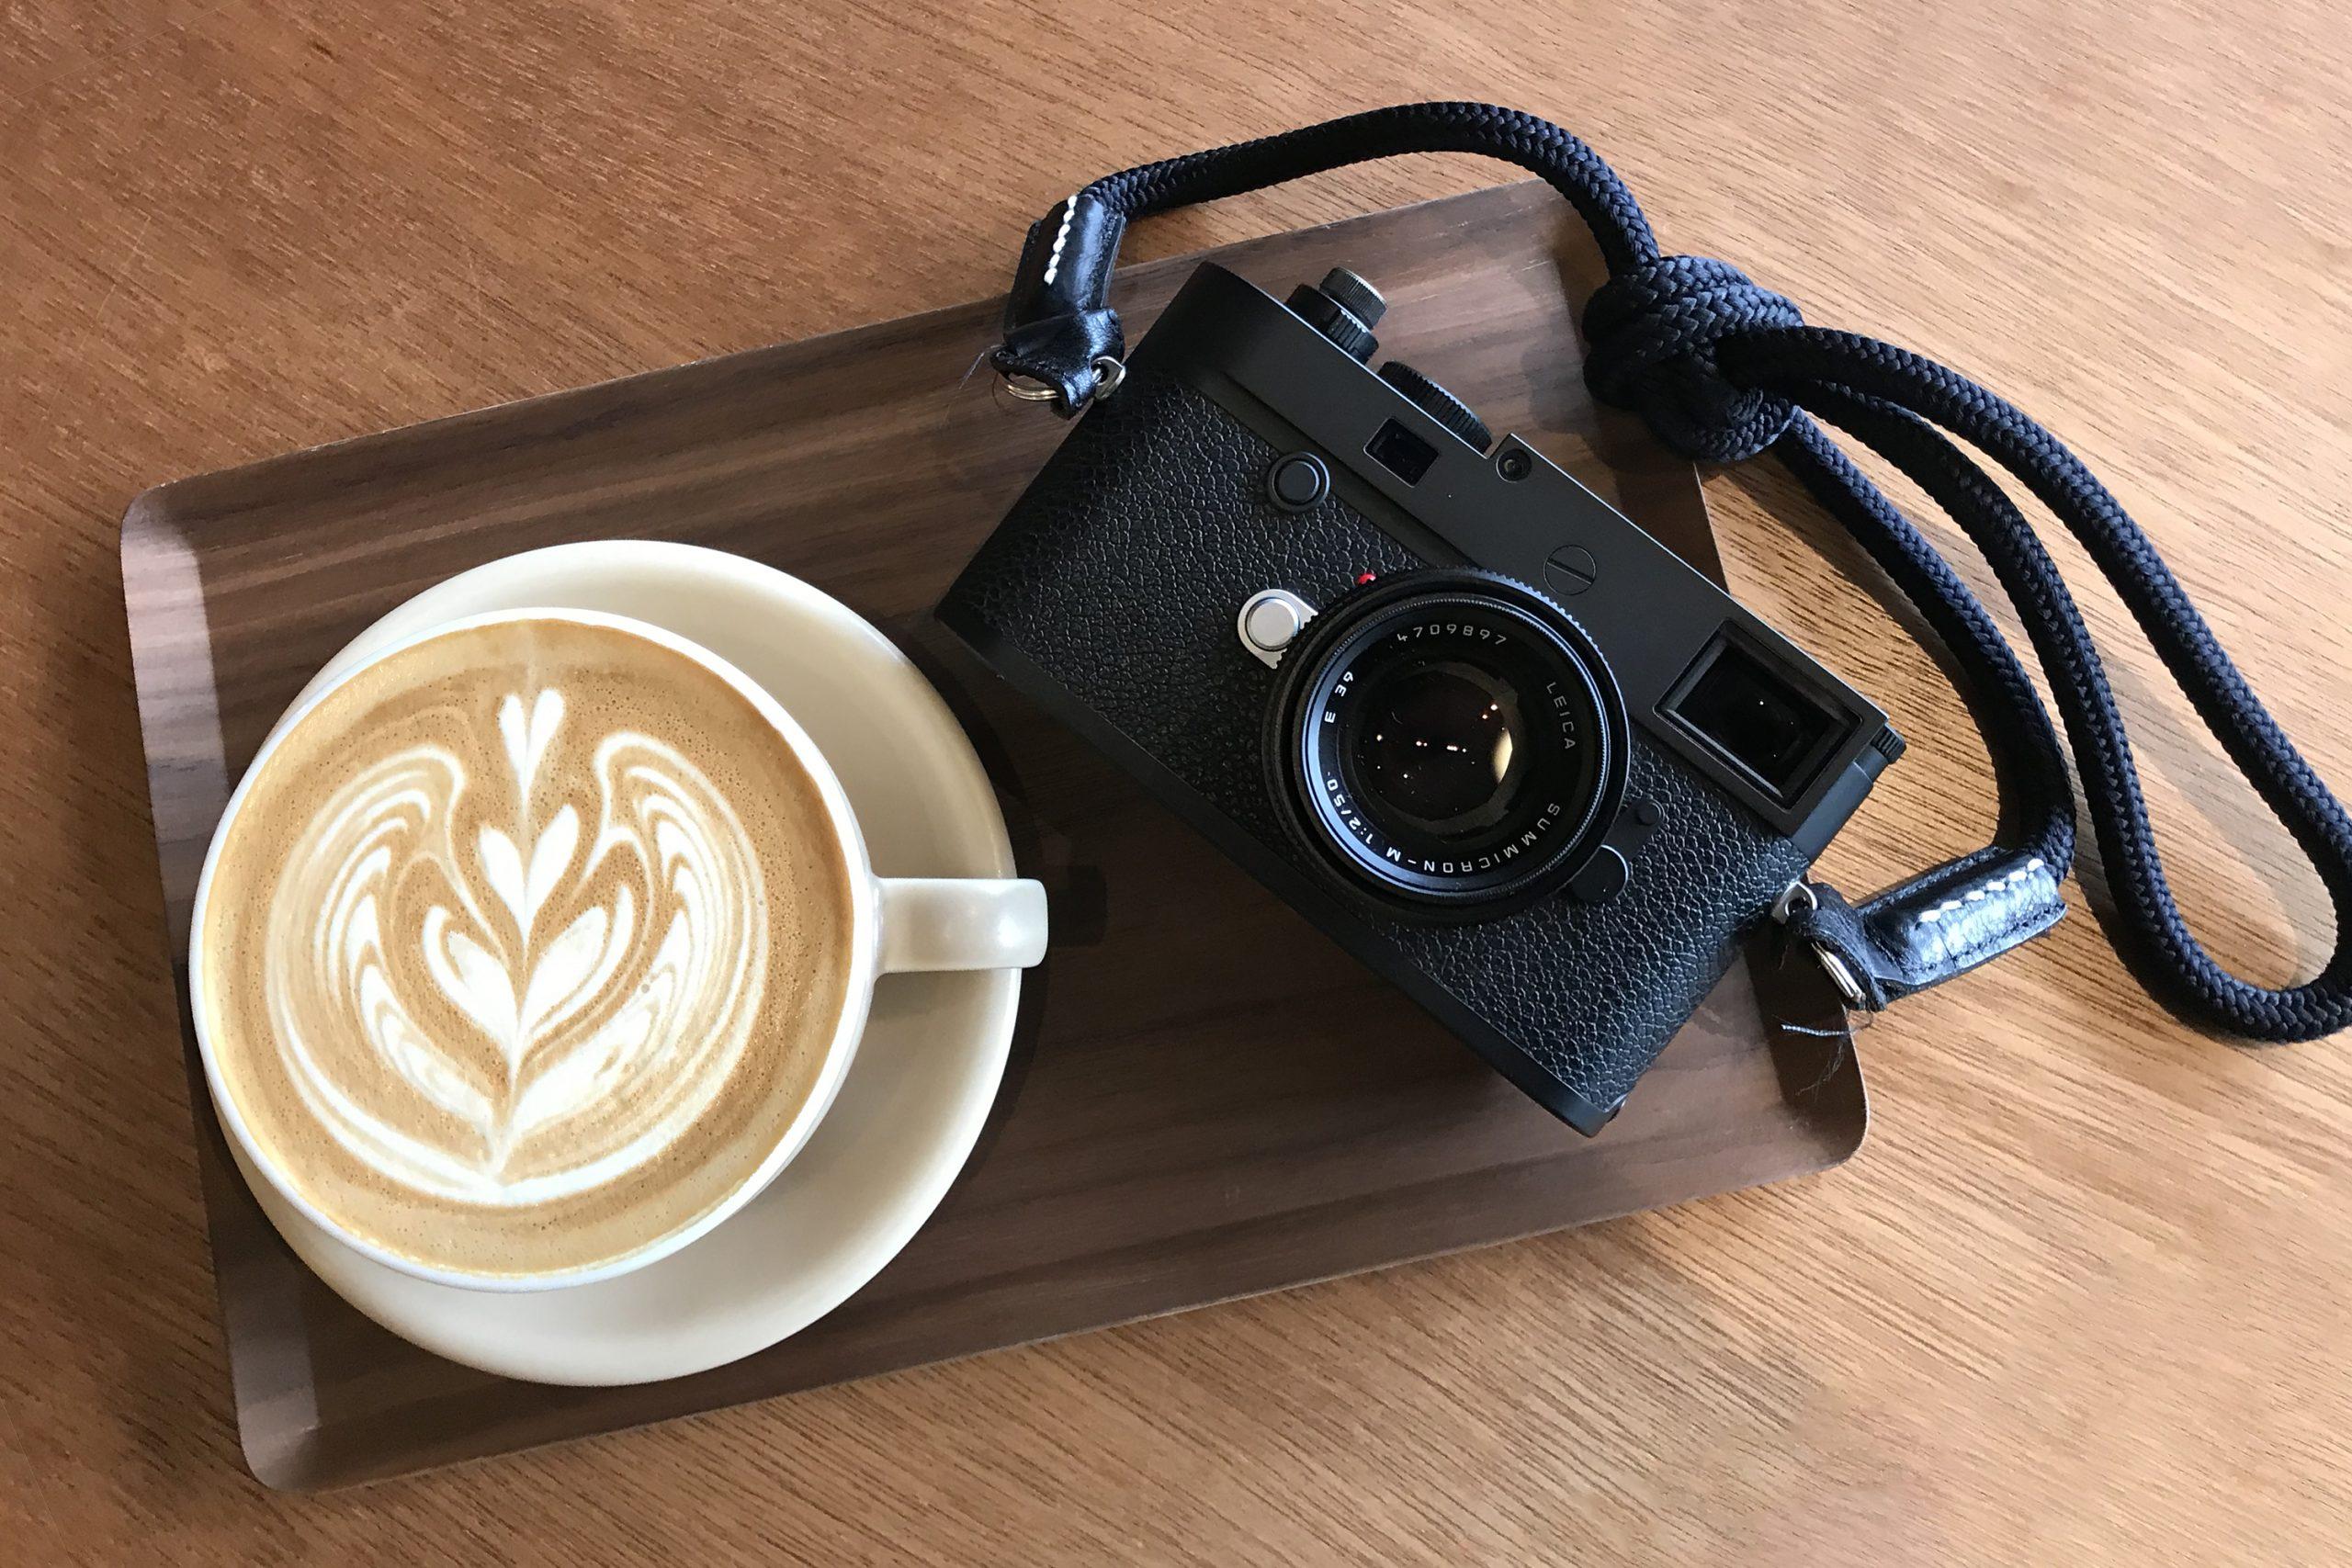 【Leica】ライカビギナー奮闘記 その7  紛れもない王道レンズ